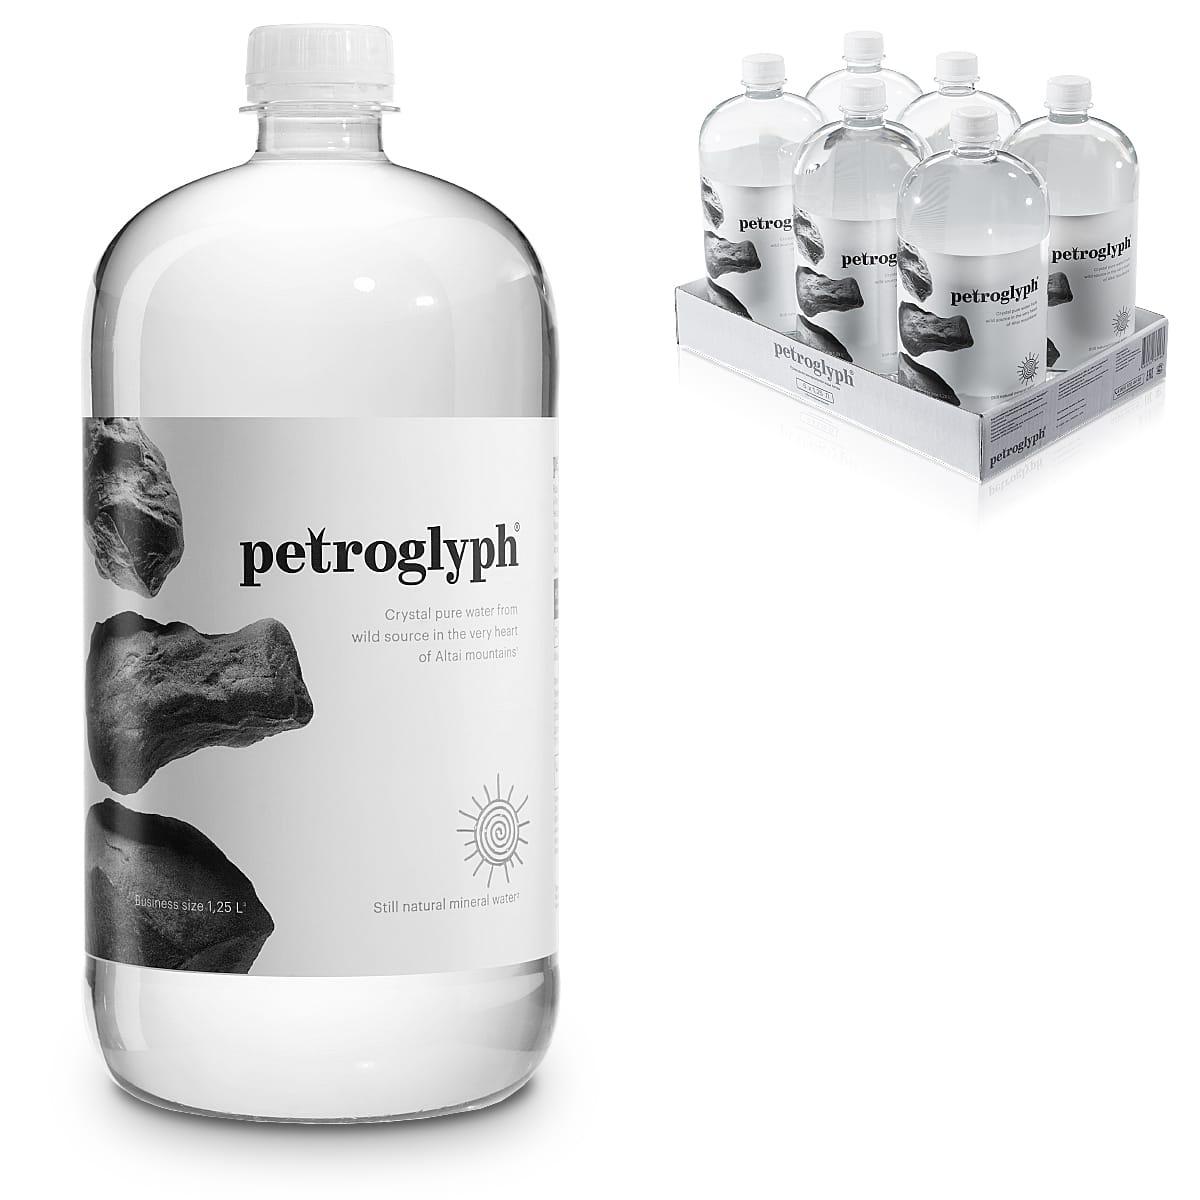 Вода Petroglyph природная минеральная негазированная, 6 шт по 1,25 л ПЭТ